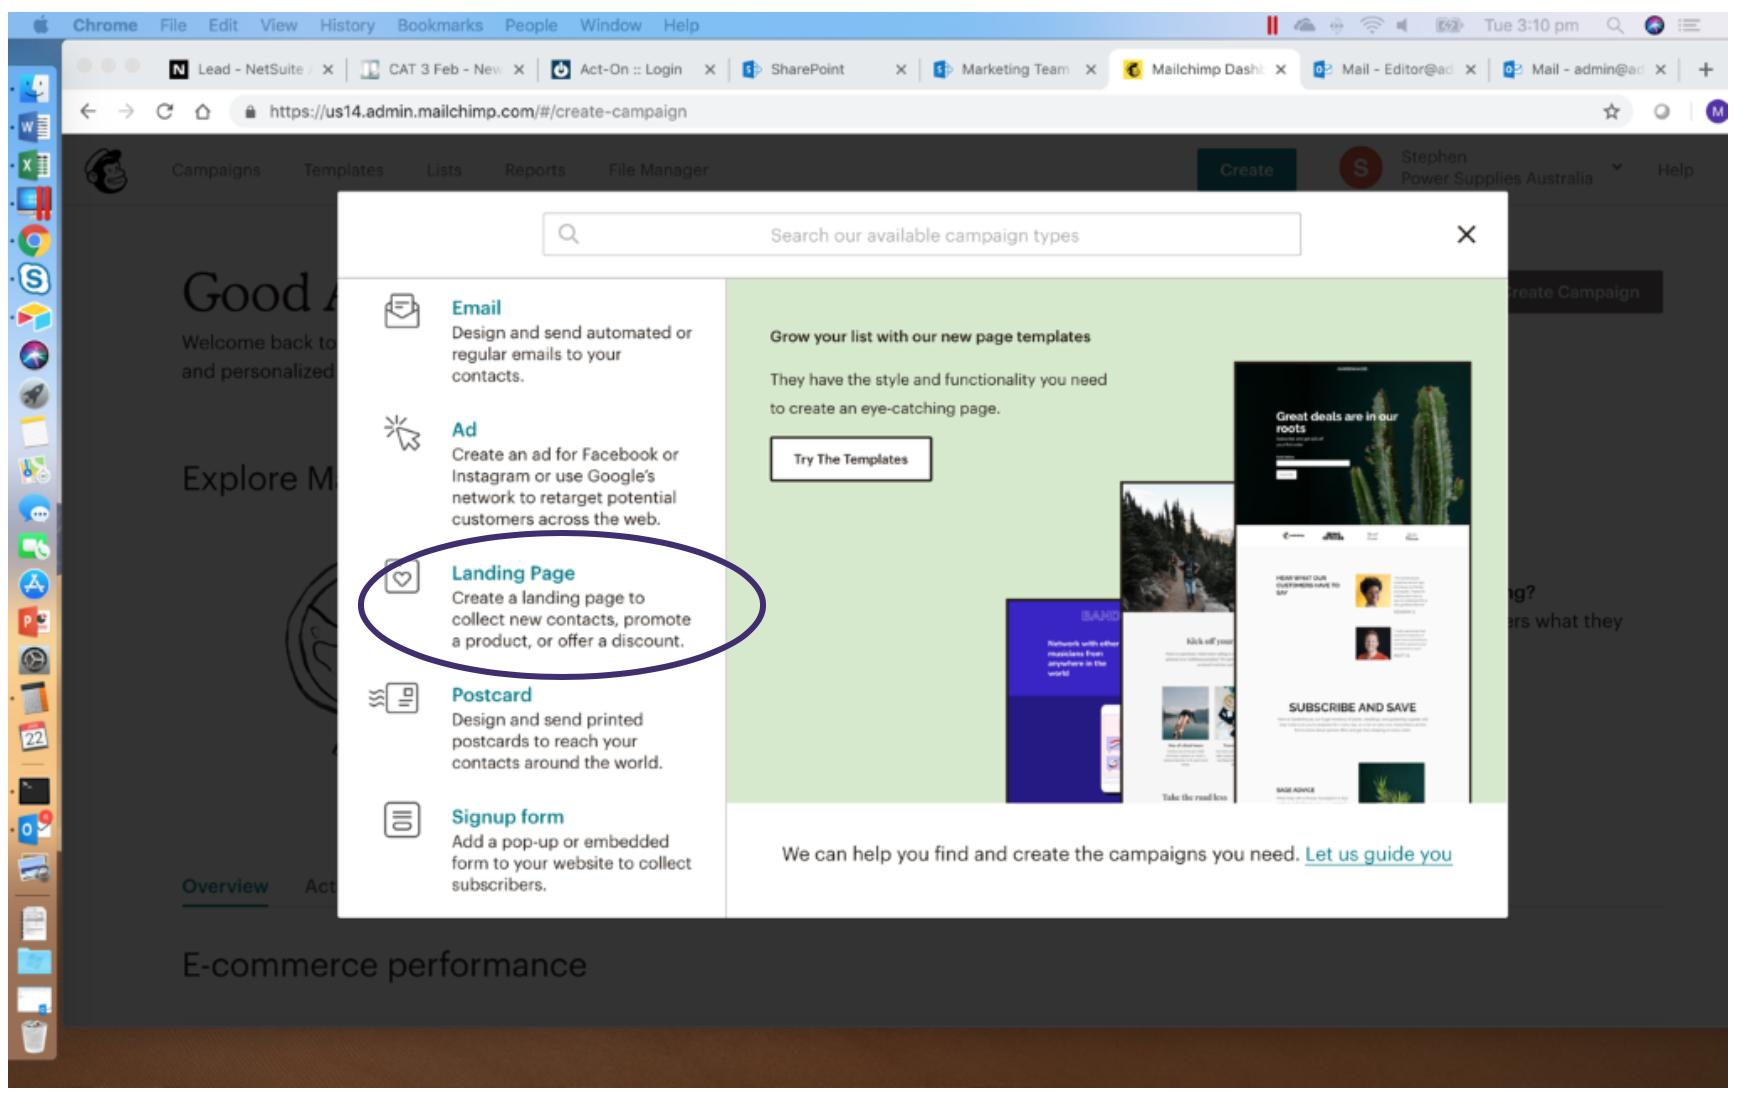 Creating MailChimp Landing Page 2